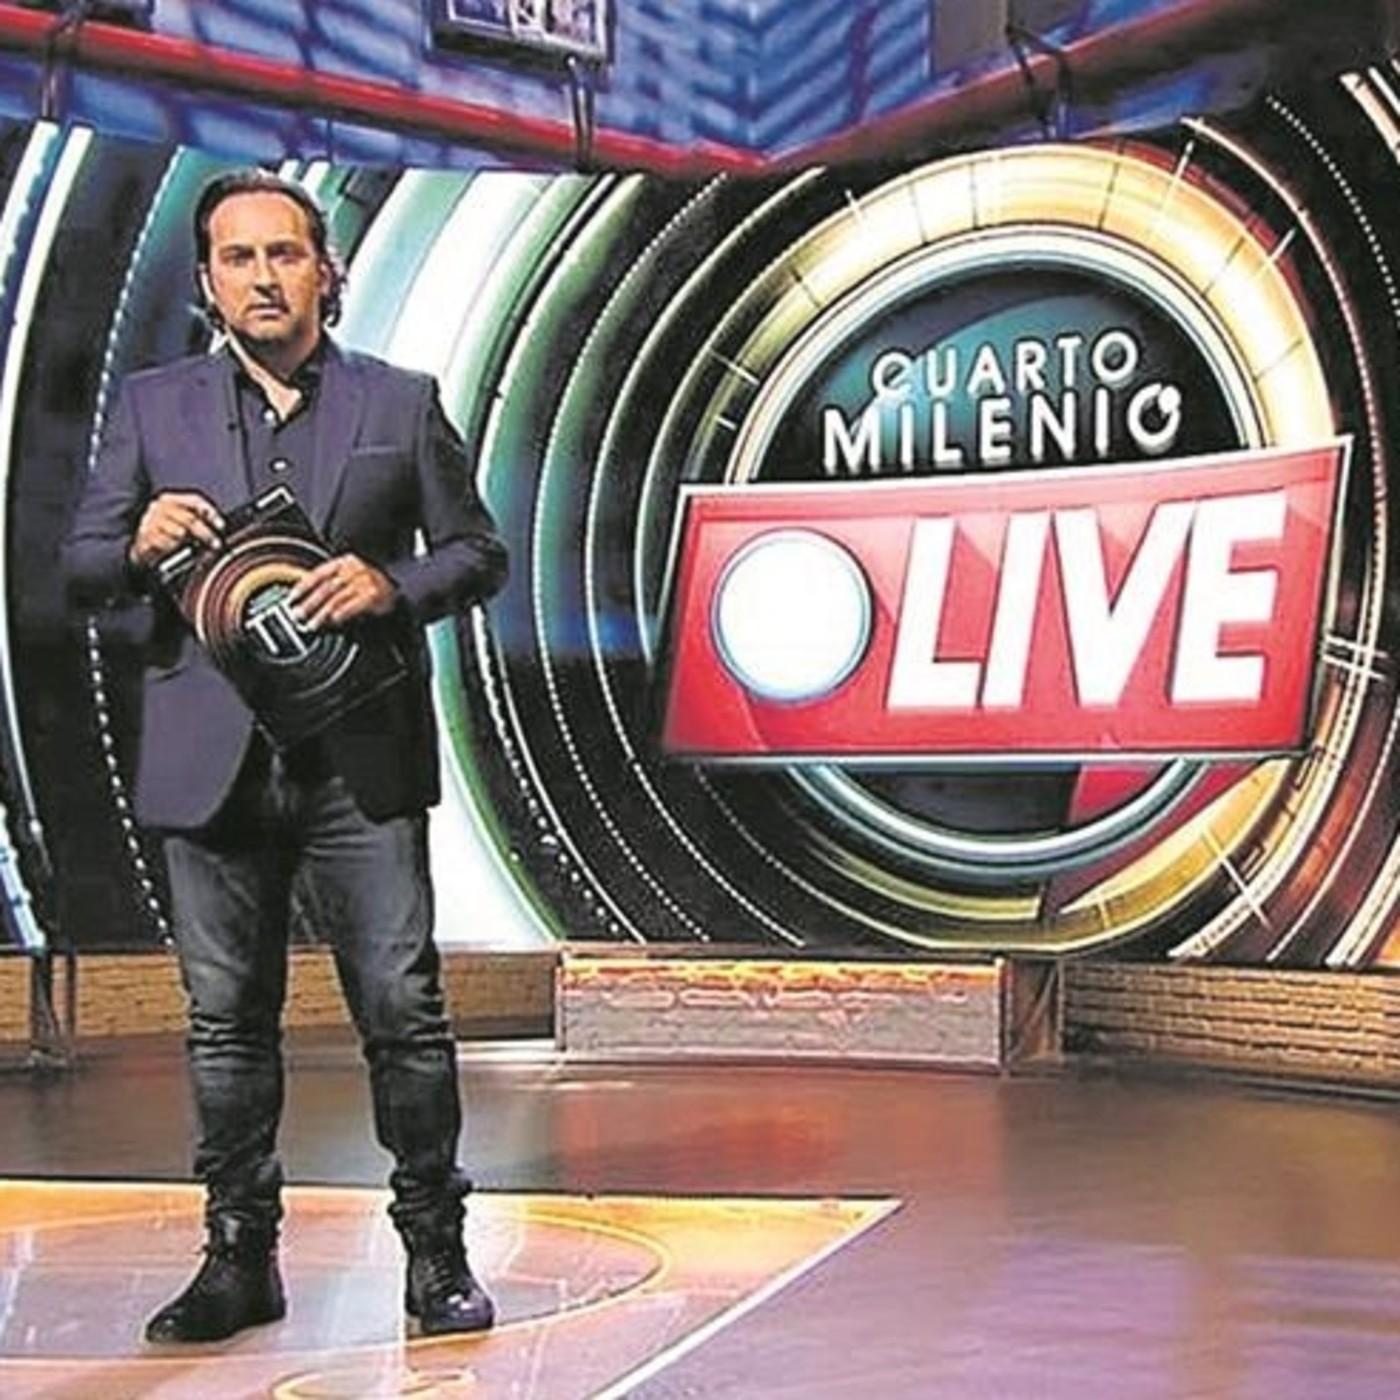 Cuarto milenio Live (15/09/2019) 15x01: El crimen de ...